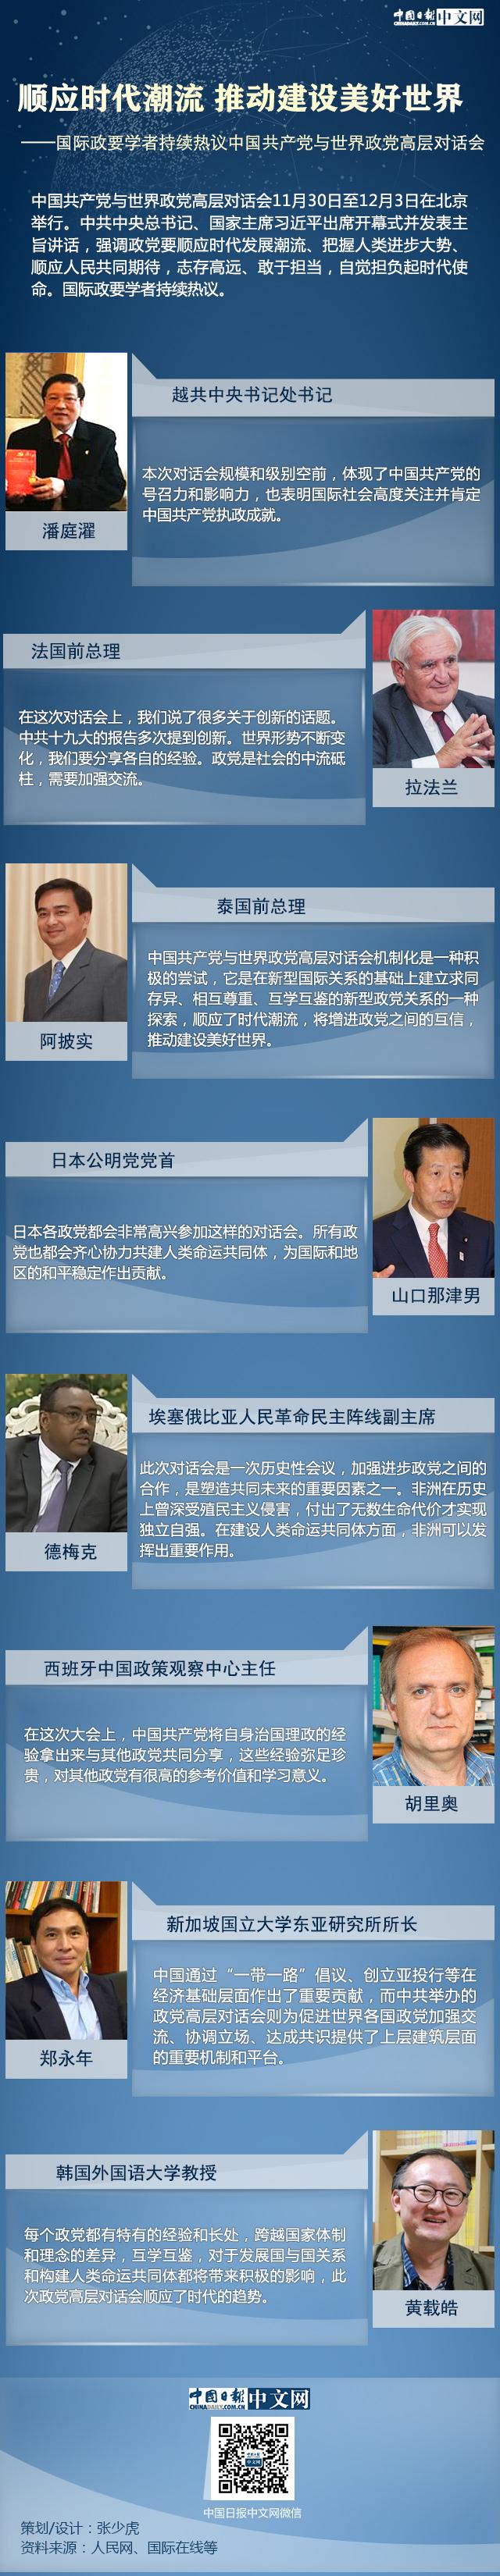 顺应时代潮流 推动建设美好世界――国际政要学者持续热议中国共产党与世界政党高层对话会